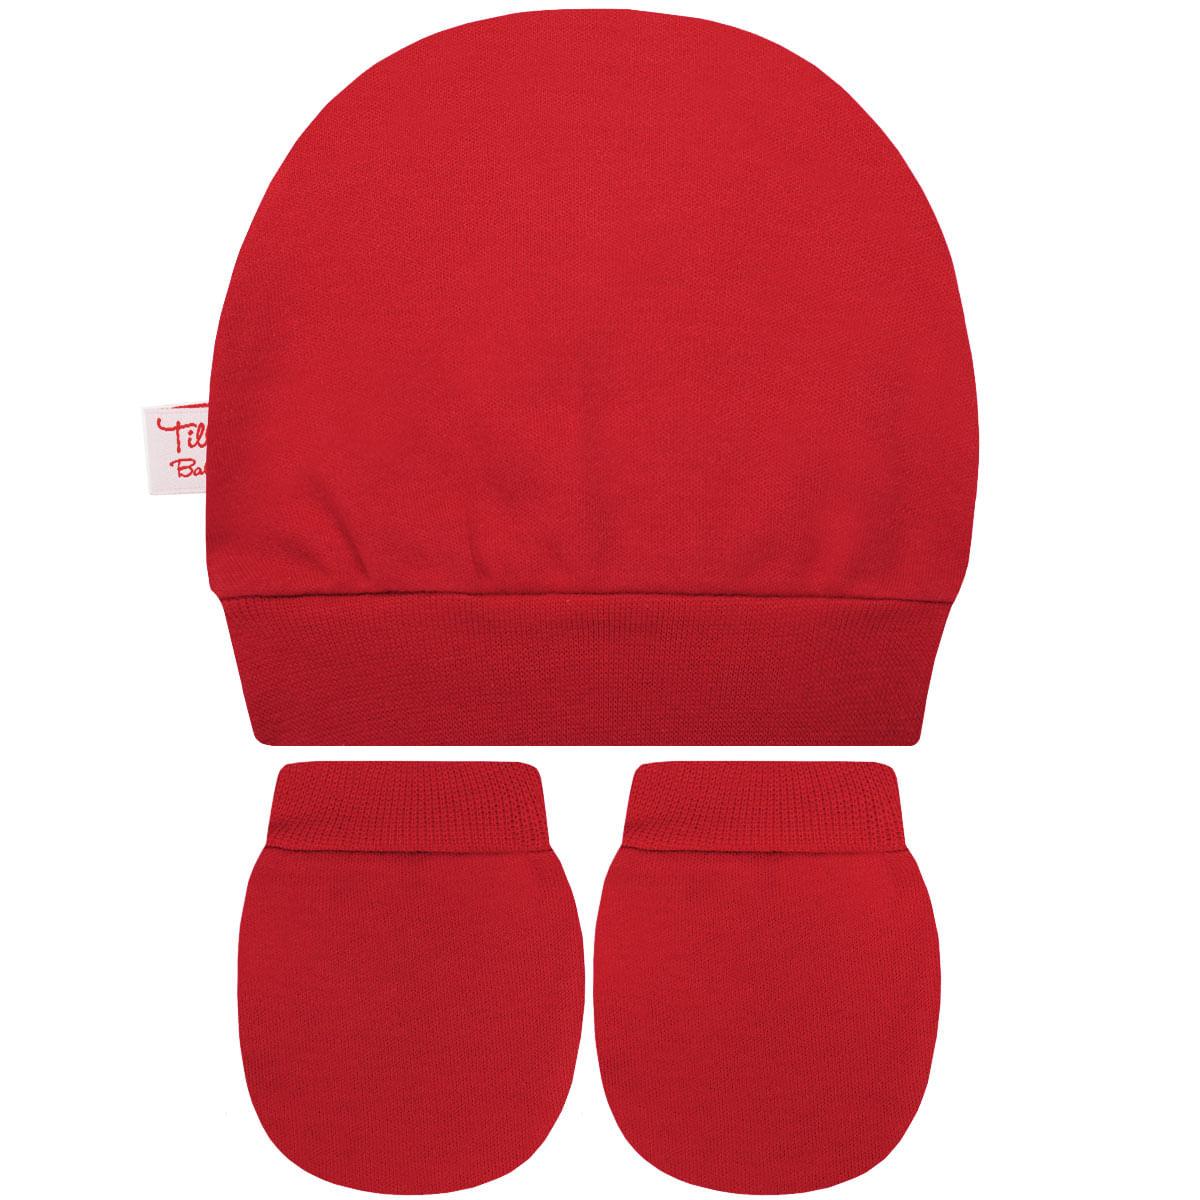 85c678857cc12 Kit Touca e Luva para bebe em suedine Vermelha Tilly Baby no Bebefacil a  sua loja de roupas e enxoval para bebês - bebefacil